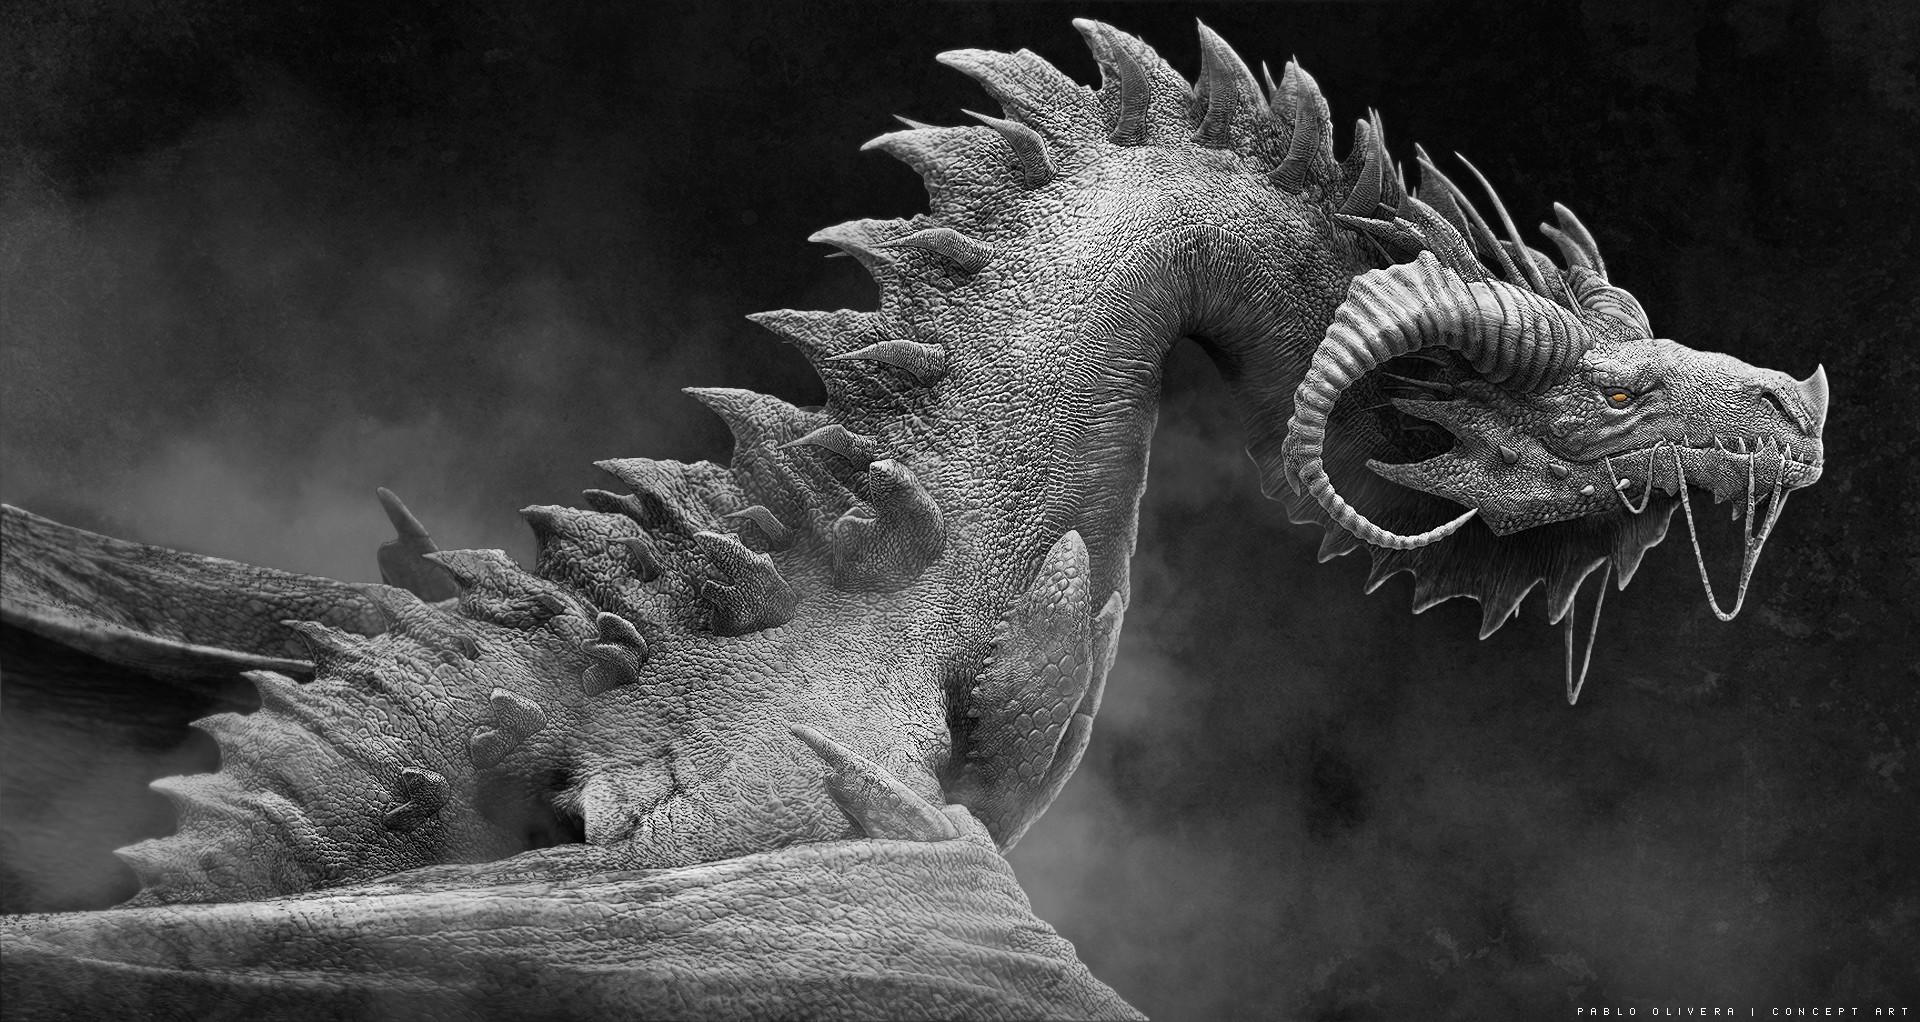 Pablo olivera dragones wacom zbrush 01